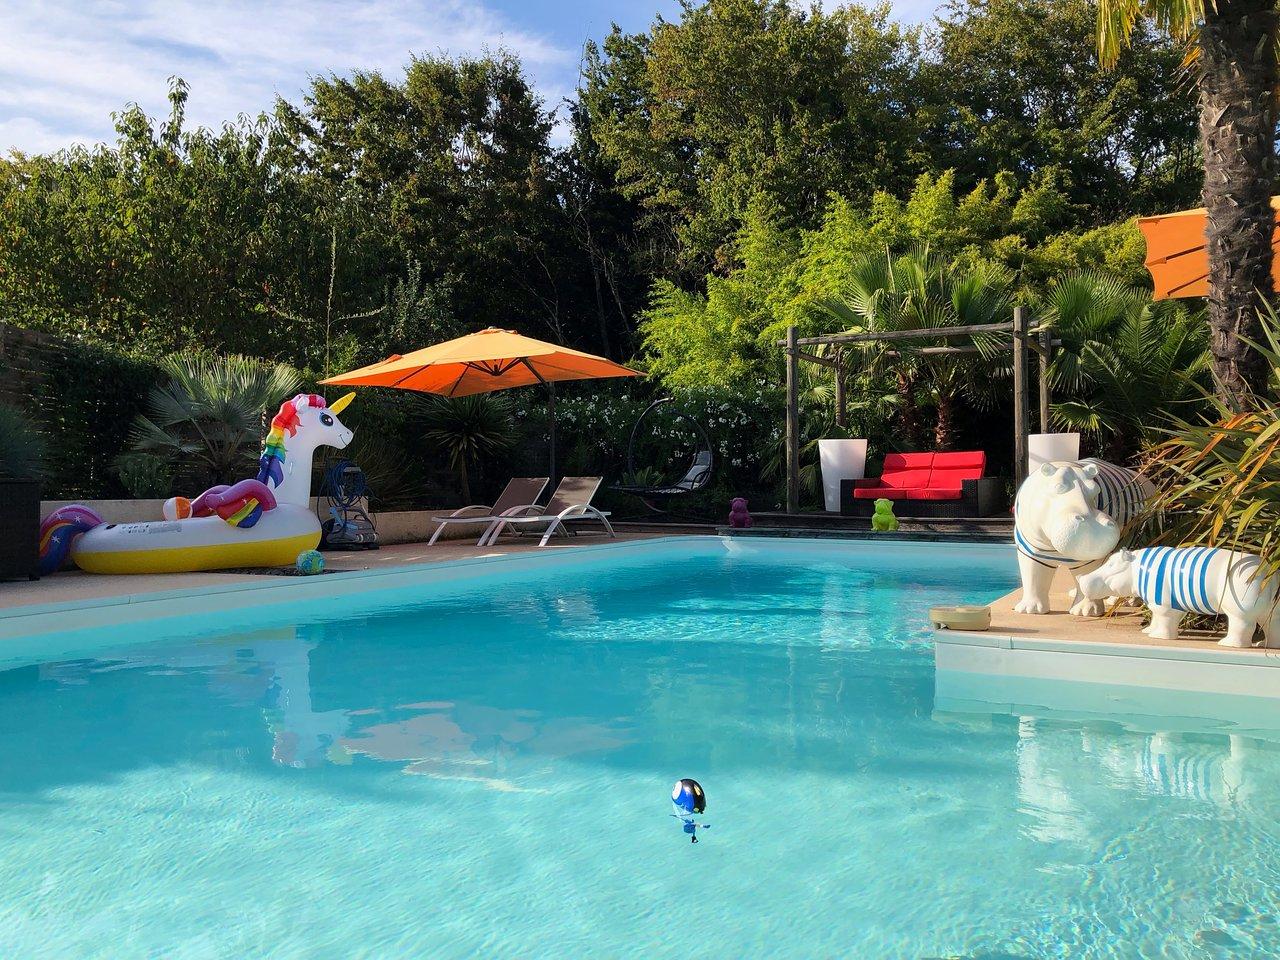 Avis Et Photos De La Piscine De L'coté Bordeaux - Tripadvisor destiné Piscine Charleville Mezieres